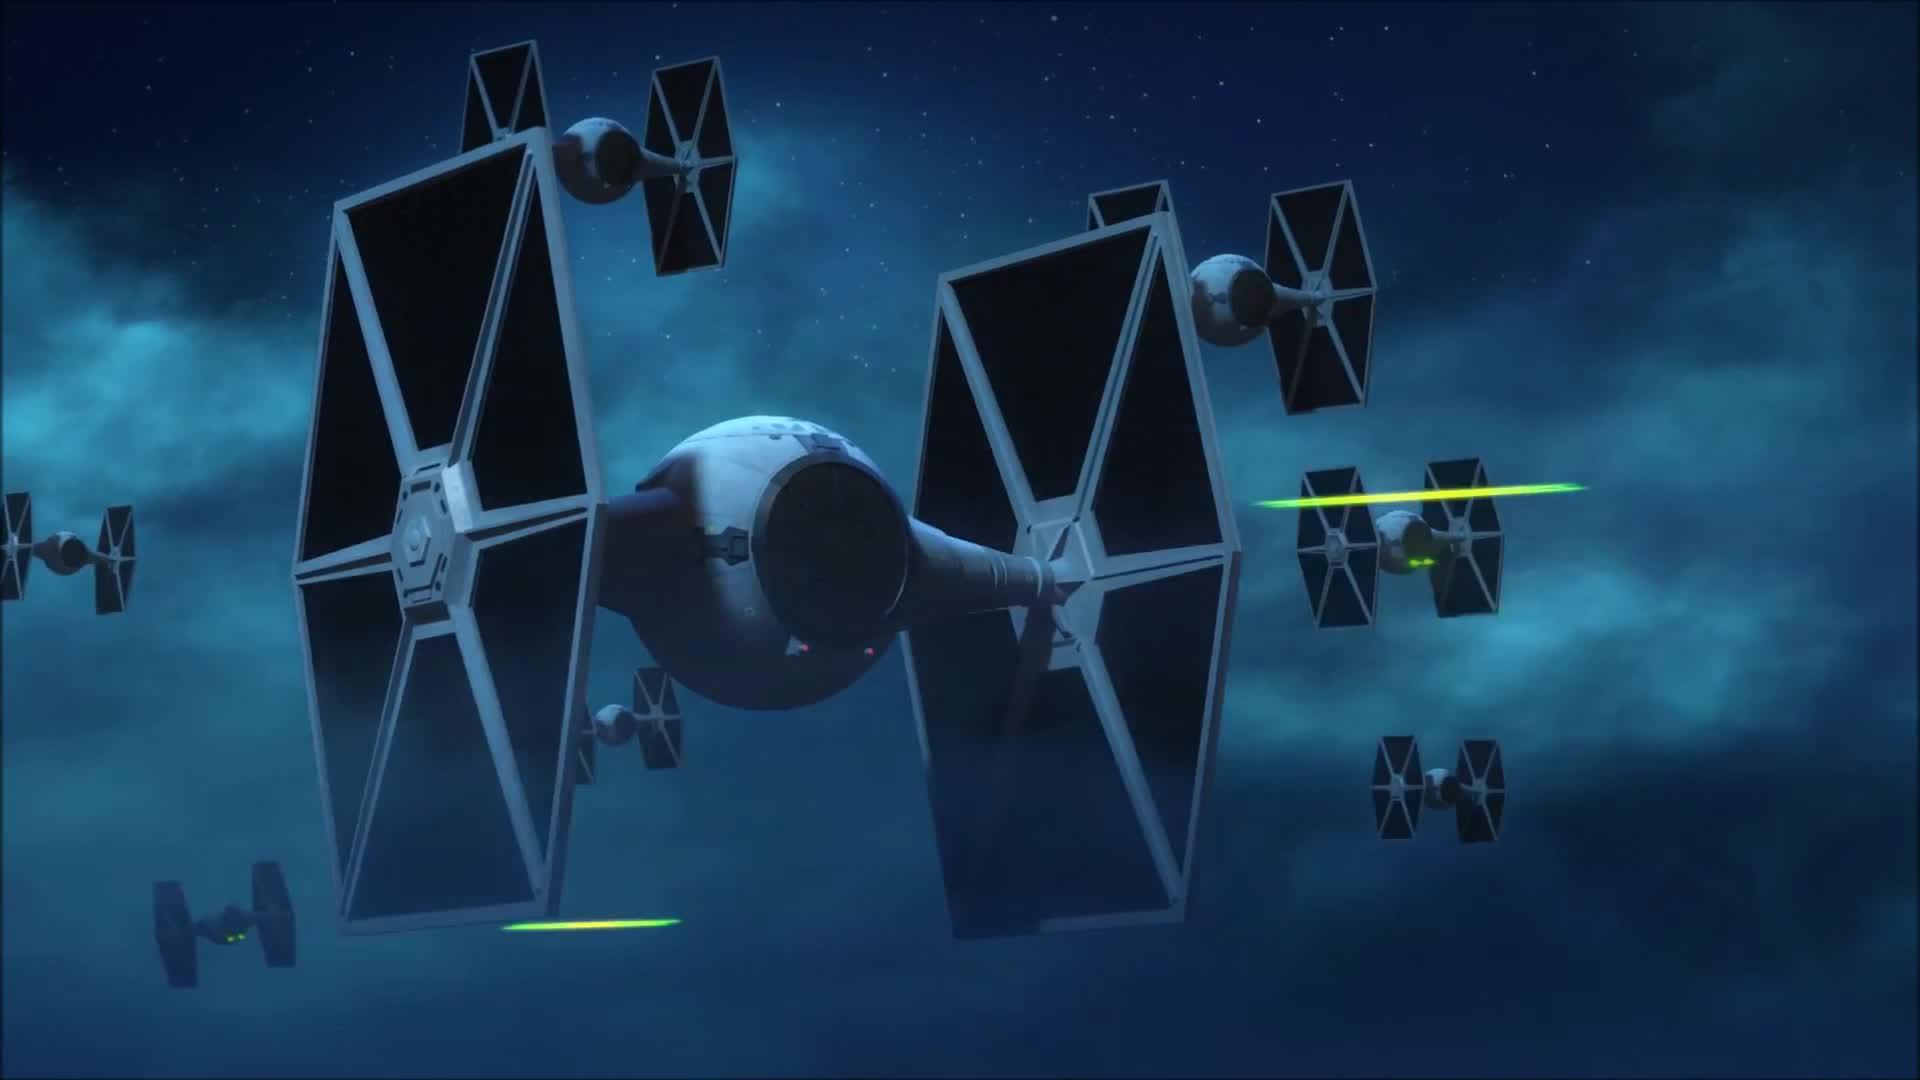 Season 4 trailer 2 from star wars rebels 2014 2018 - Star wars couchtisch ...